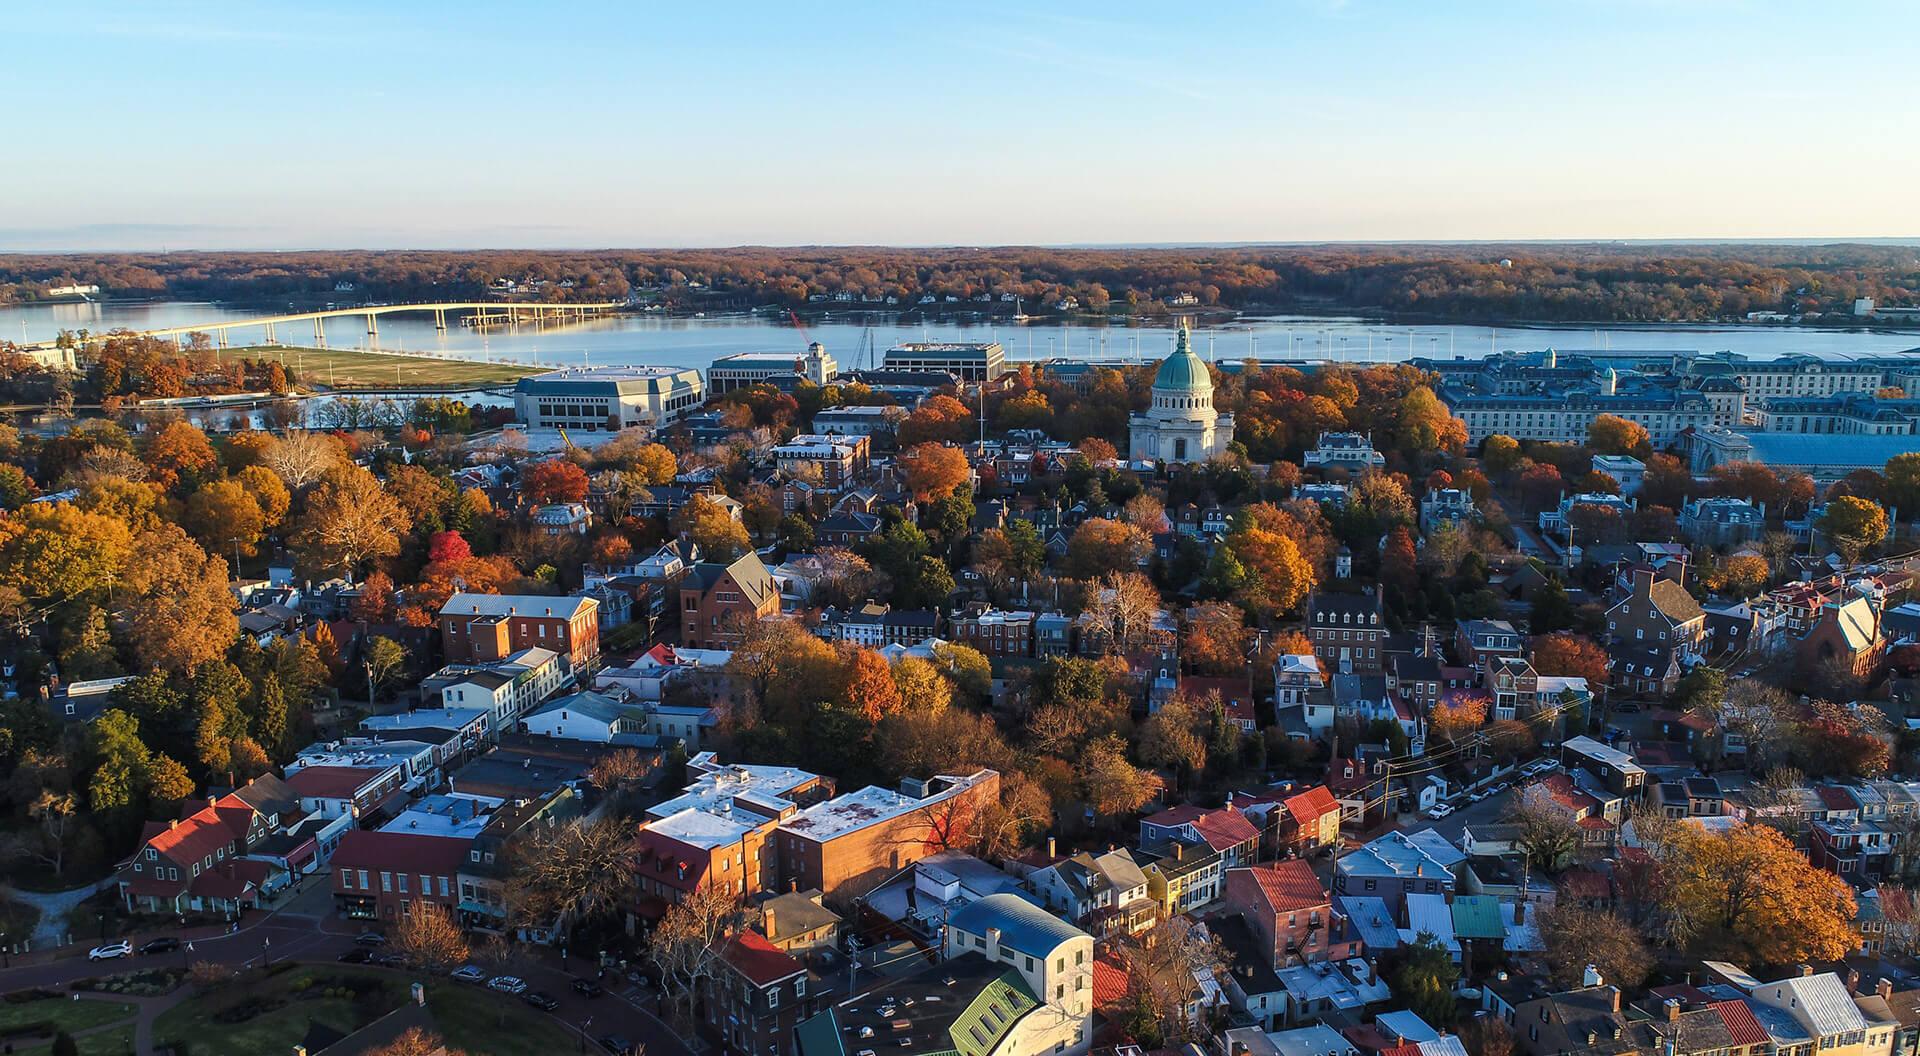 Landscape of Annapolis